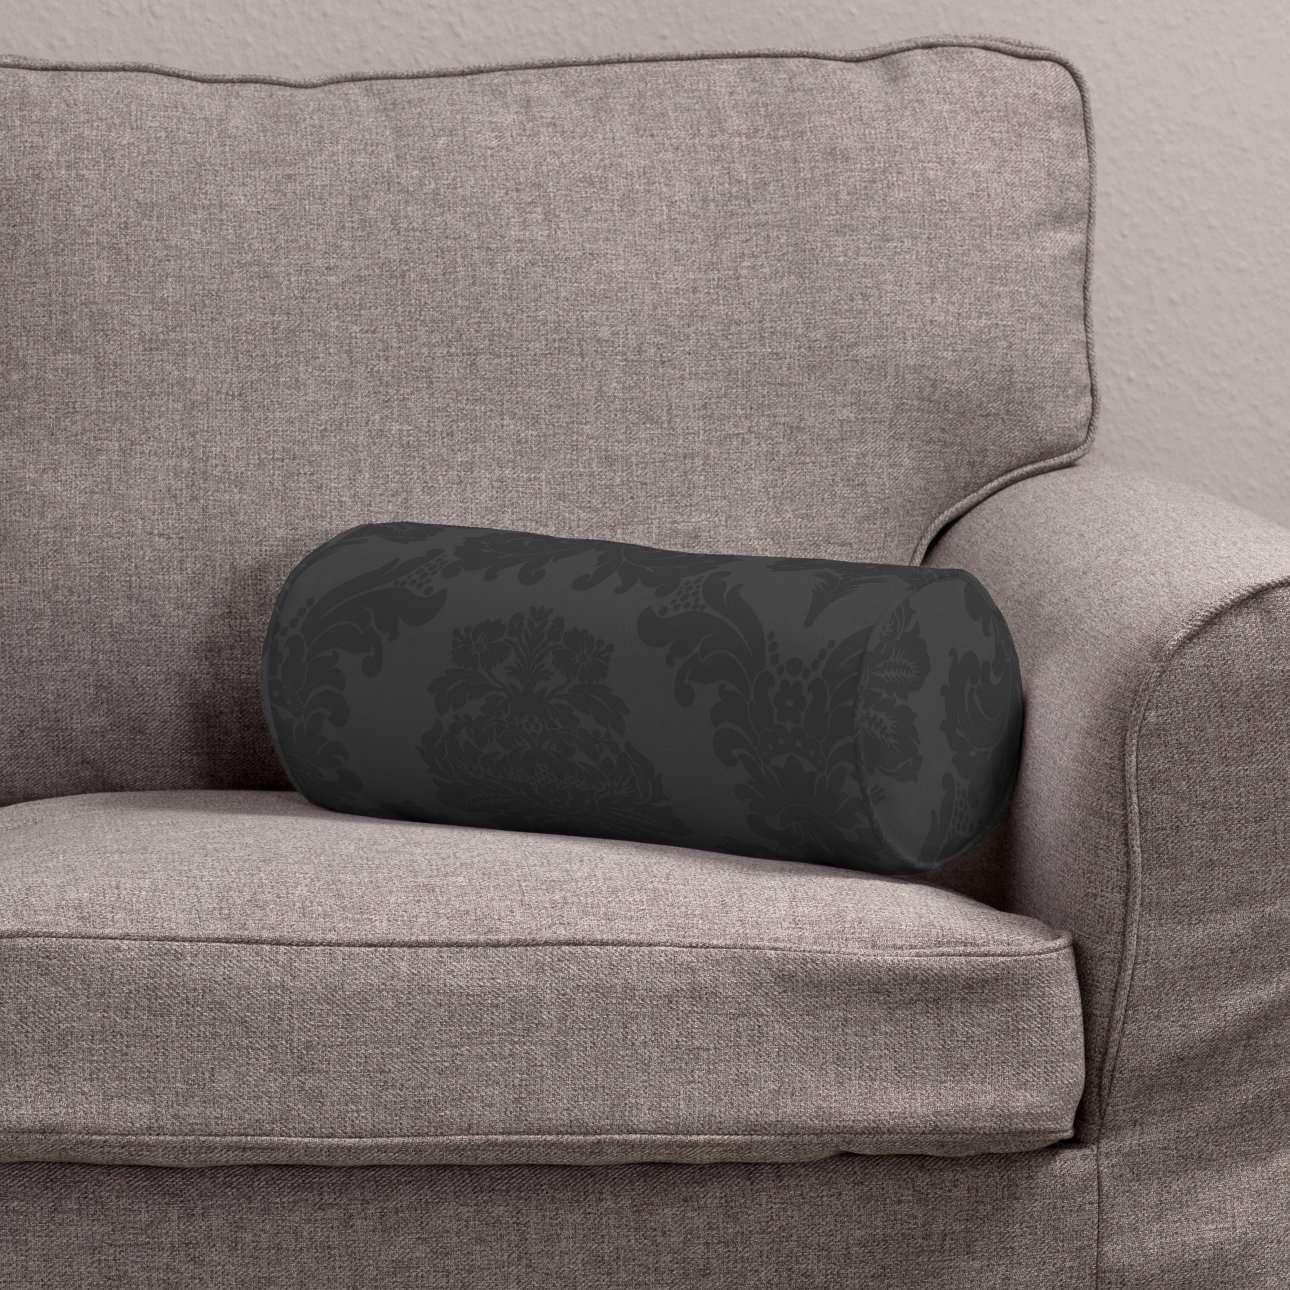 Poduszka wałek prosty Ø16x40cm w kolekcji Damasco, tkanina: 613-32